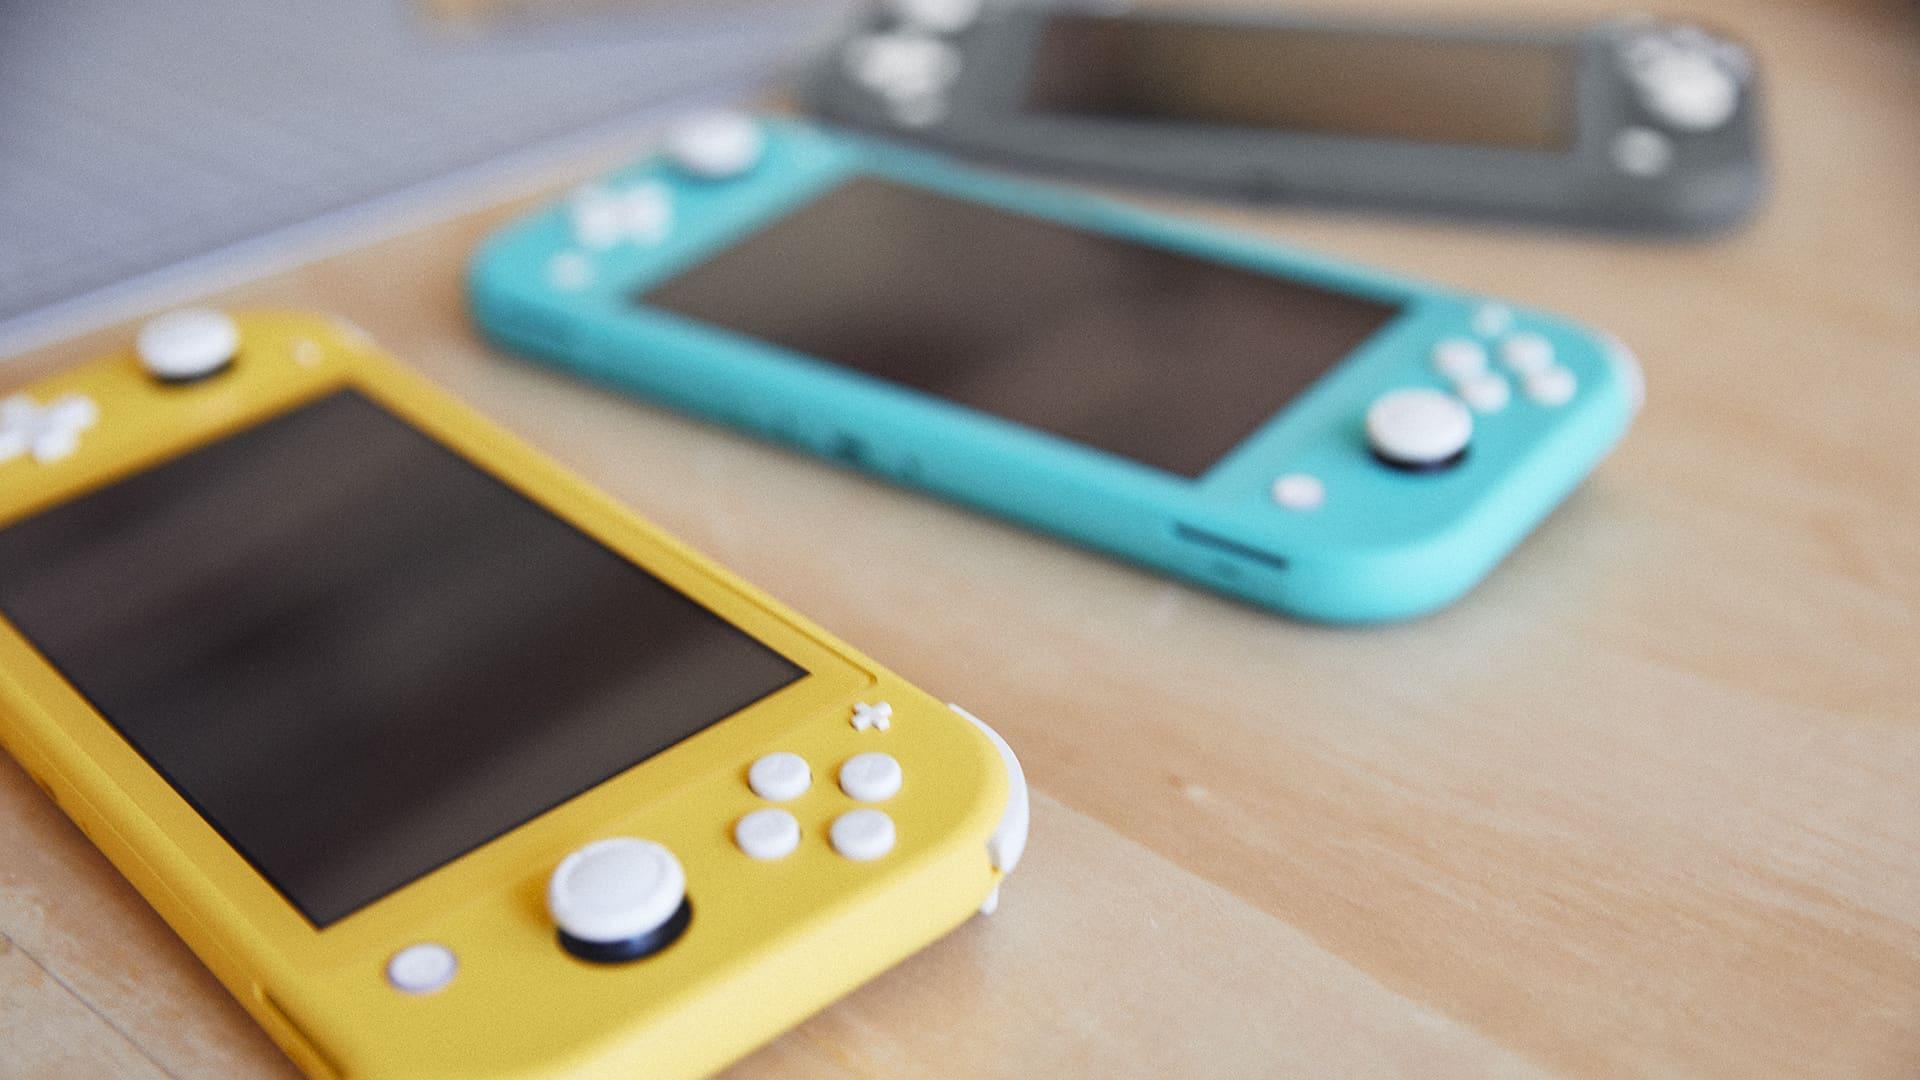 Hoy fue el peor día en las existencias de juegos japoneses en más de diez años.